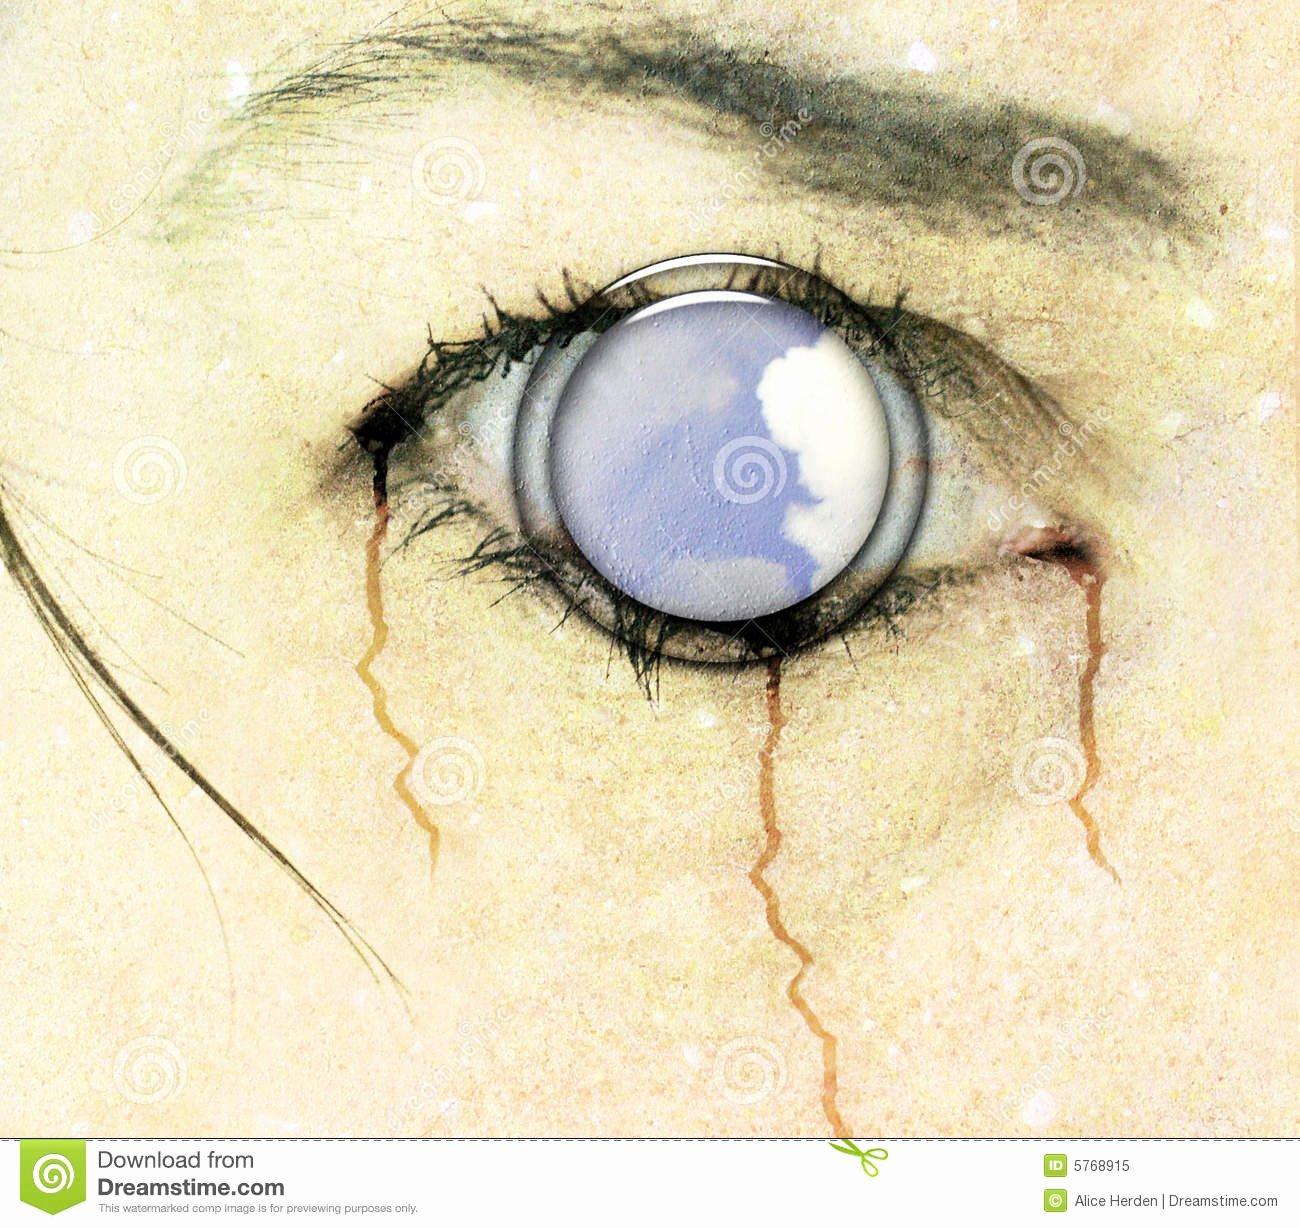 Free Dvd Cover Art New Horror Eye Cd Cover Art Royalty Free Stock Image